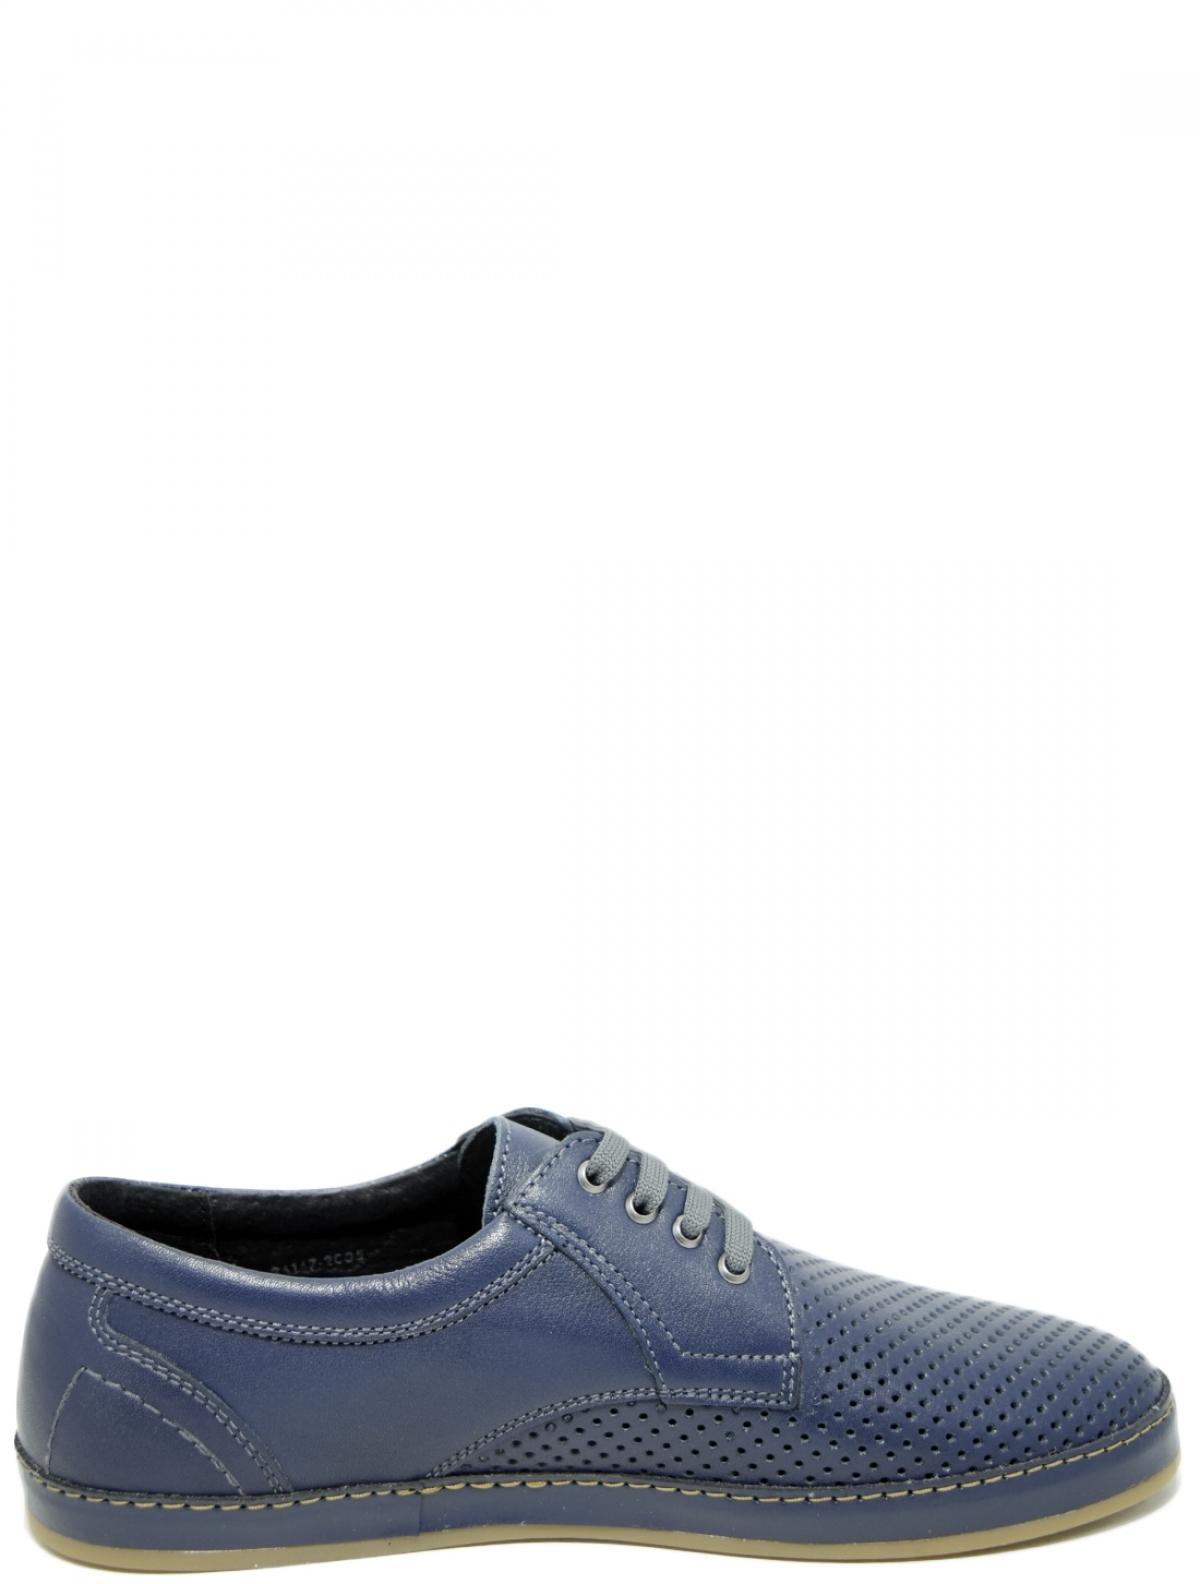 EDERRO 91109052 мужские туфли